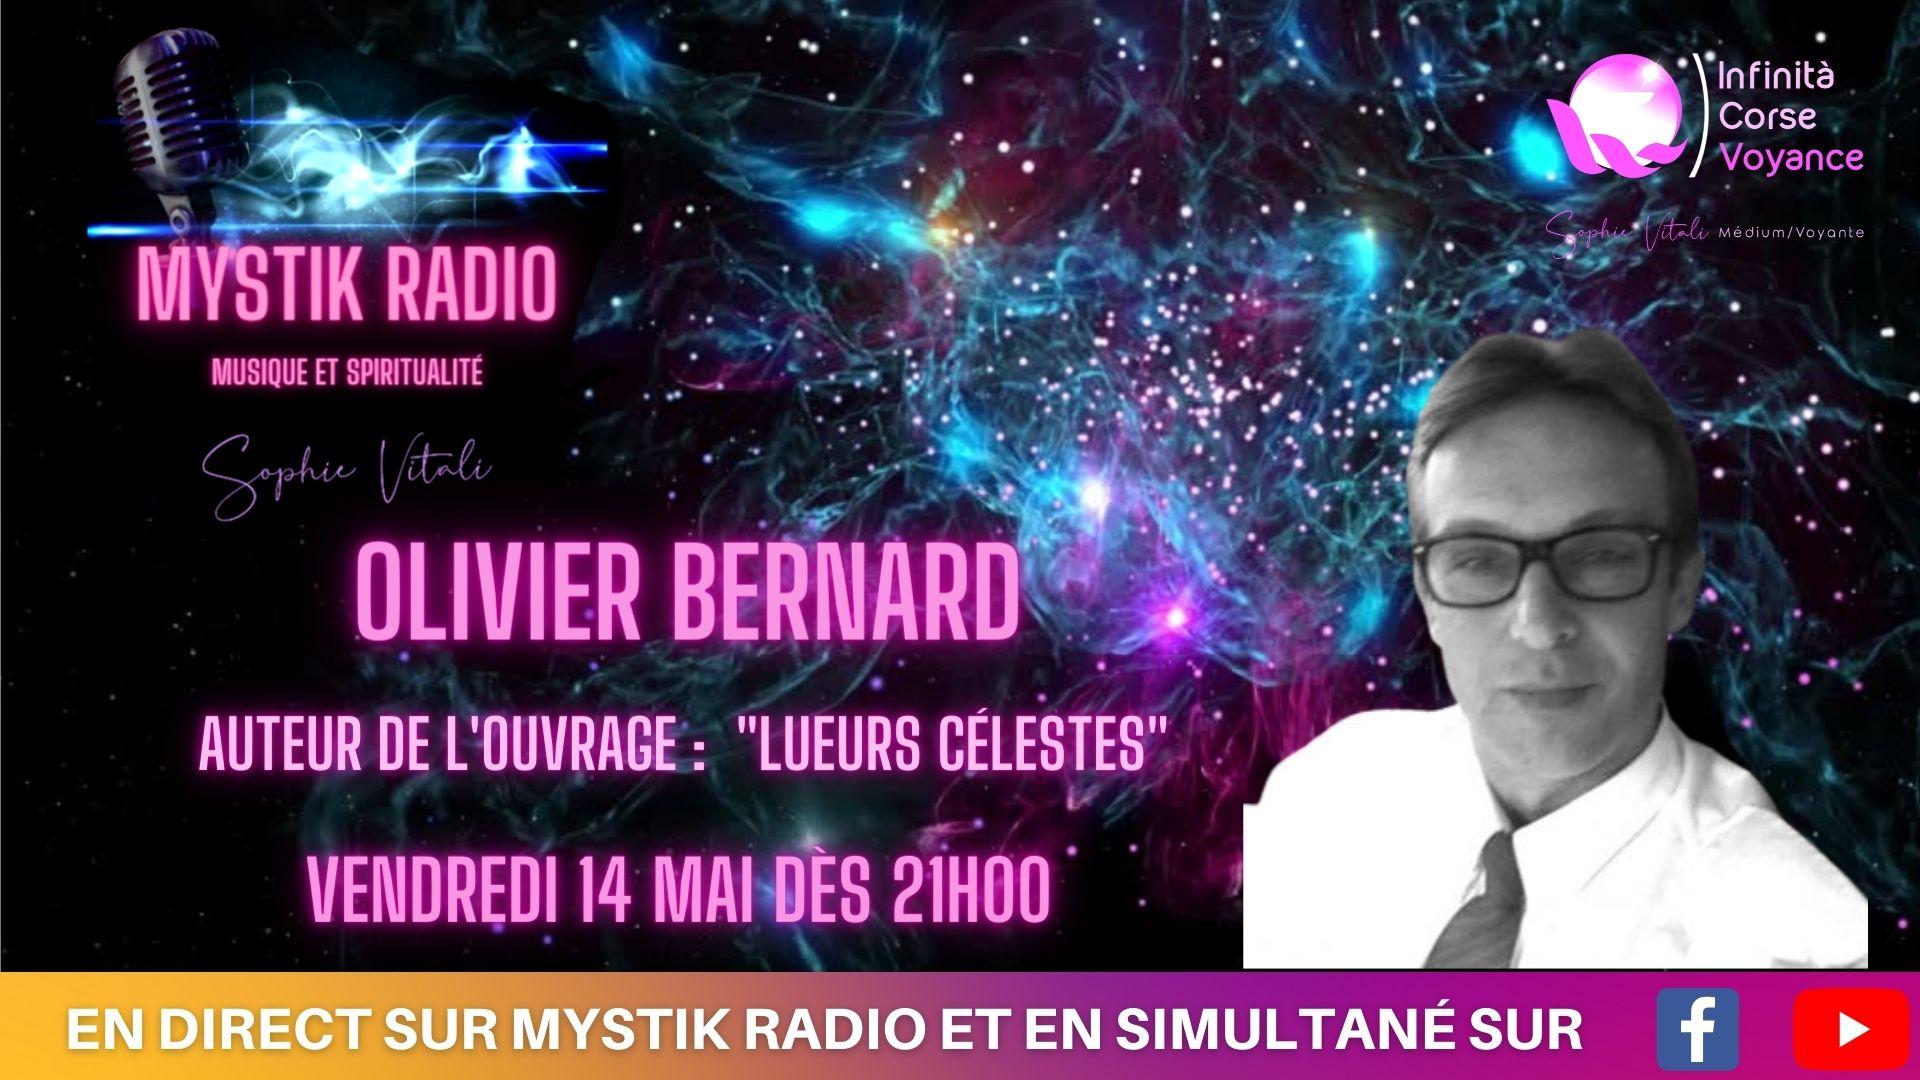 """Olivier Bernard auteur de l'ouvrage """"Lueurs célestes"""" est l'invité de Sophie Vitali médium et voyante corse en direct sur Mystik Radio"""